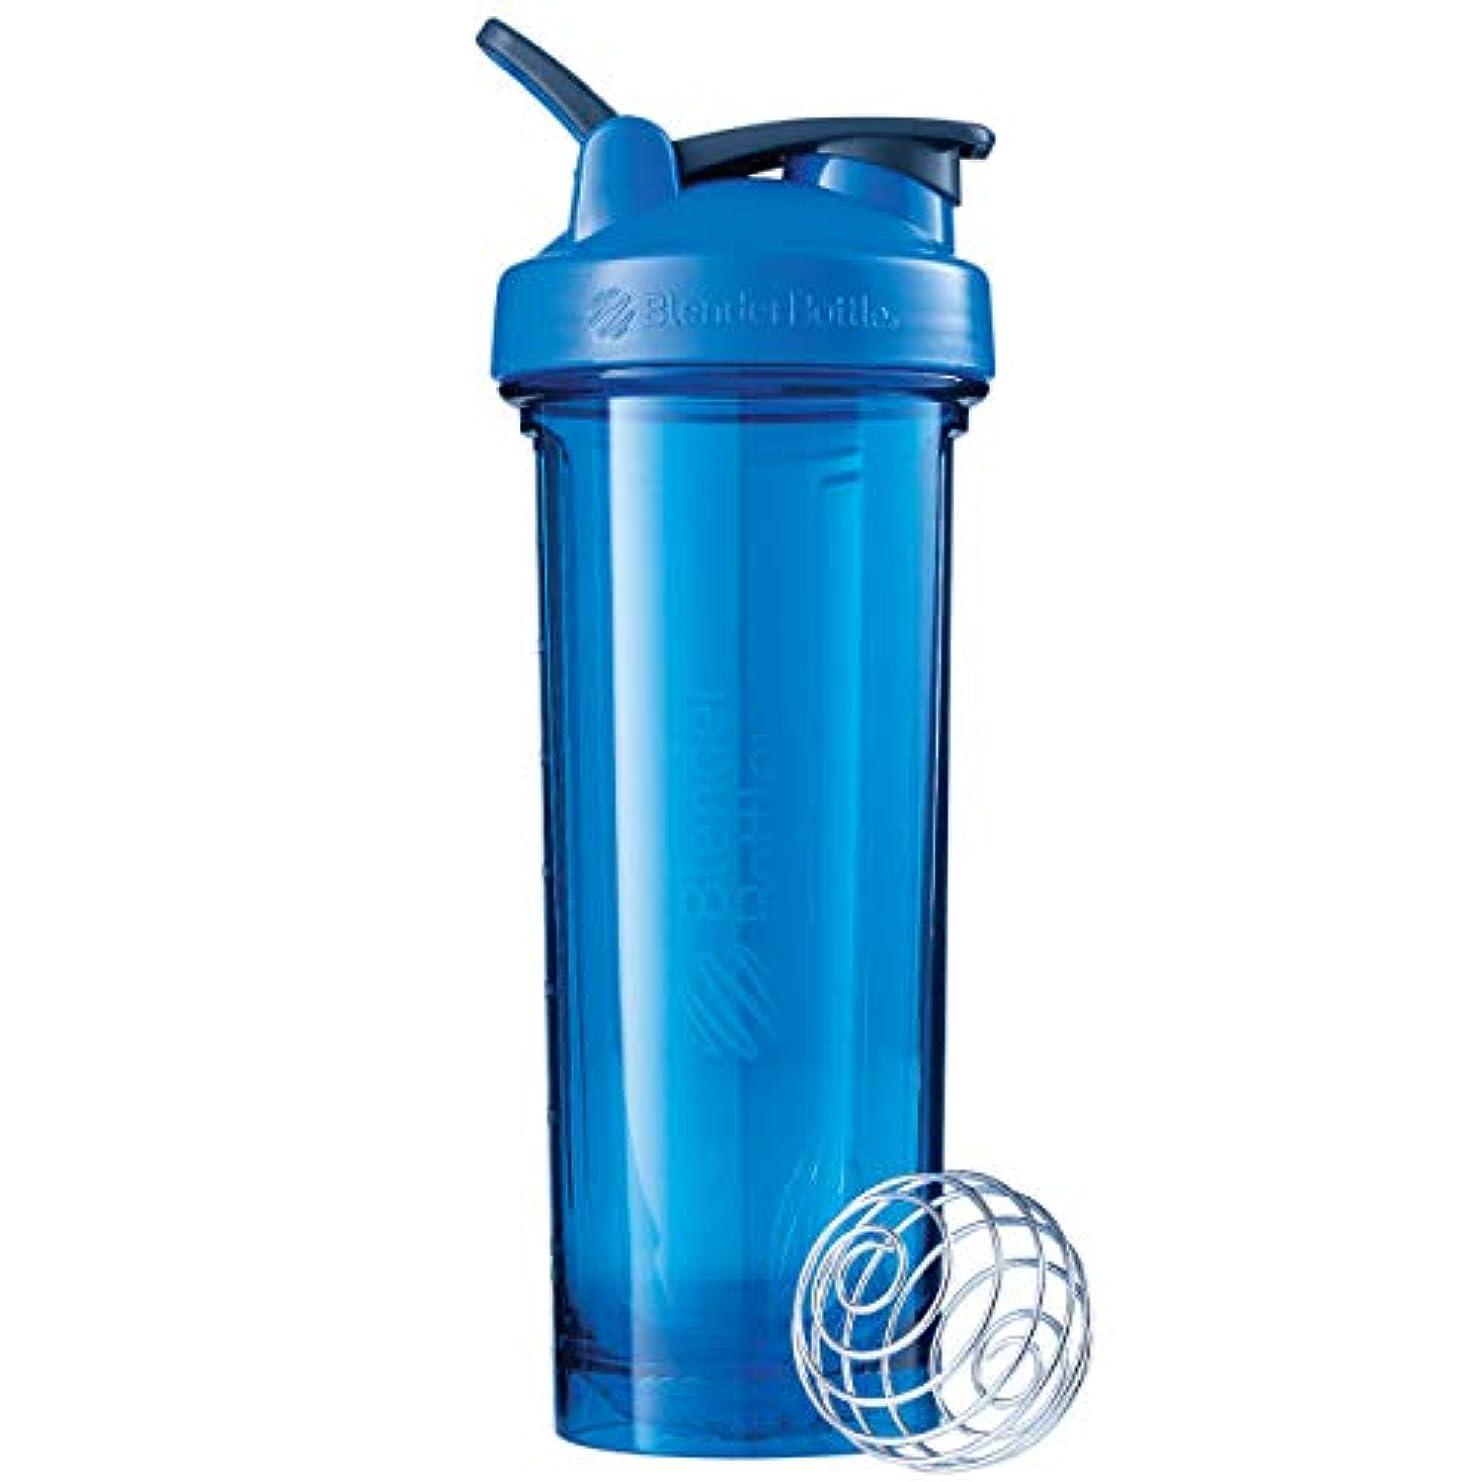 正統派薄暗い一人でブレンダーボトル 【日本正規品】 ミキサー シェーカー ボトル Pro32 32オンス (940ml) シアン BBPRO32 CYA